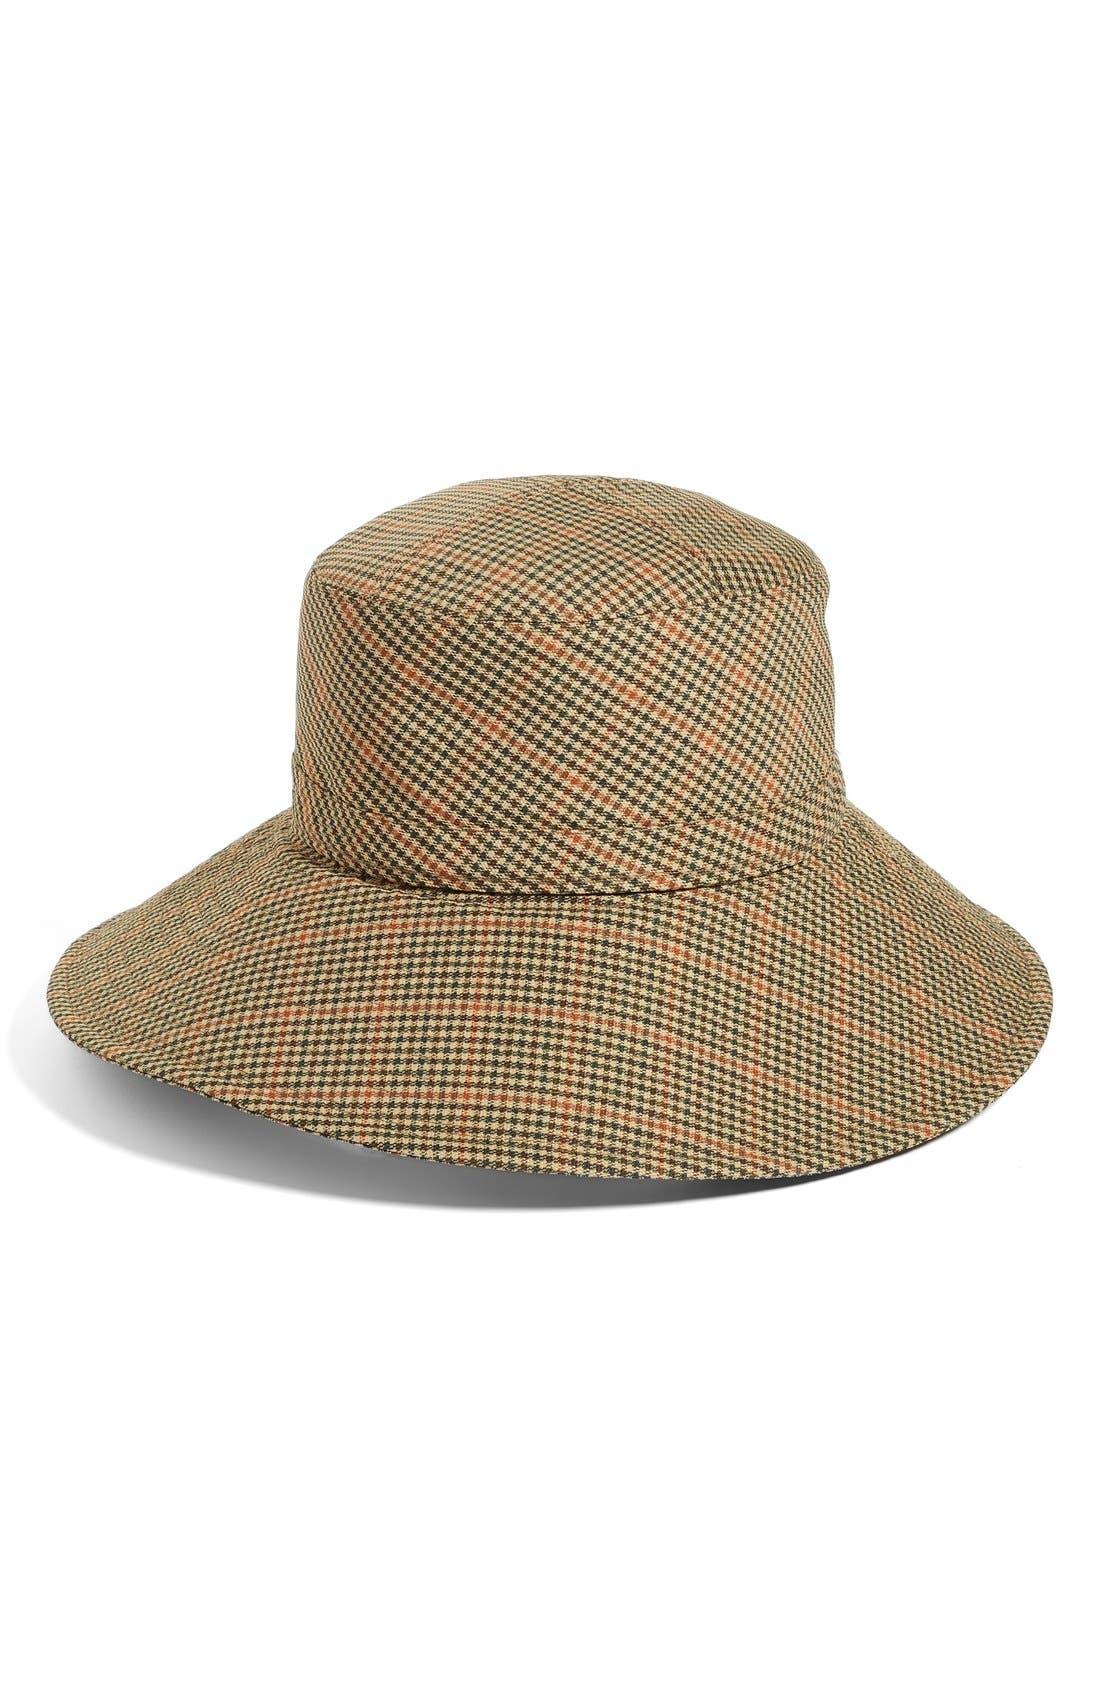 Alternate Image 1 Selected - Eric Javits Water Repellent Nylon Rain Hat